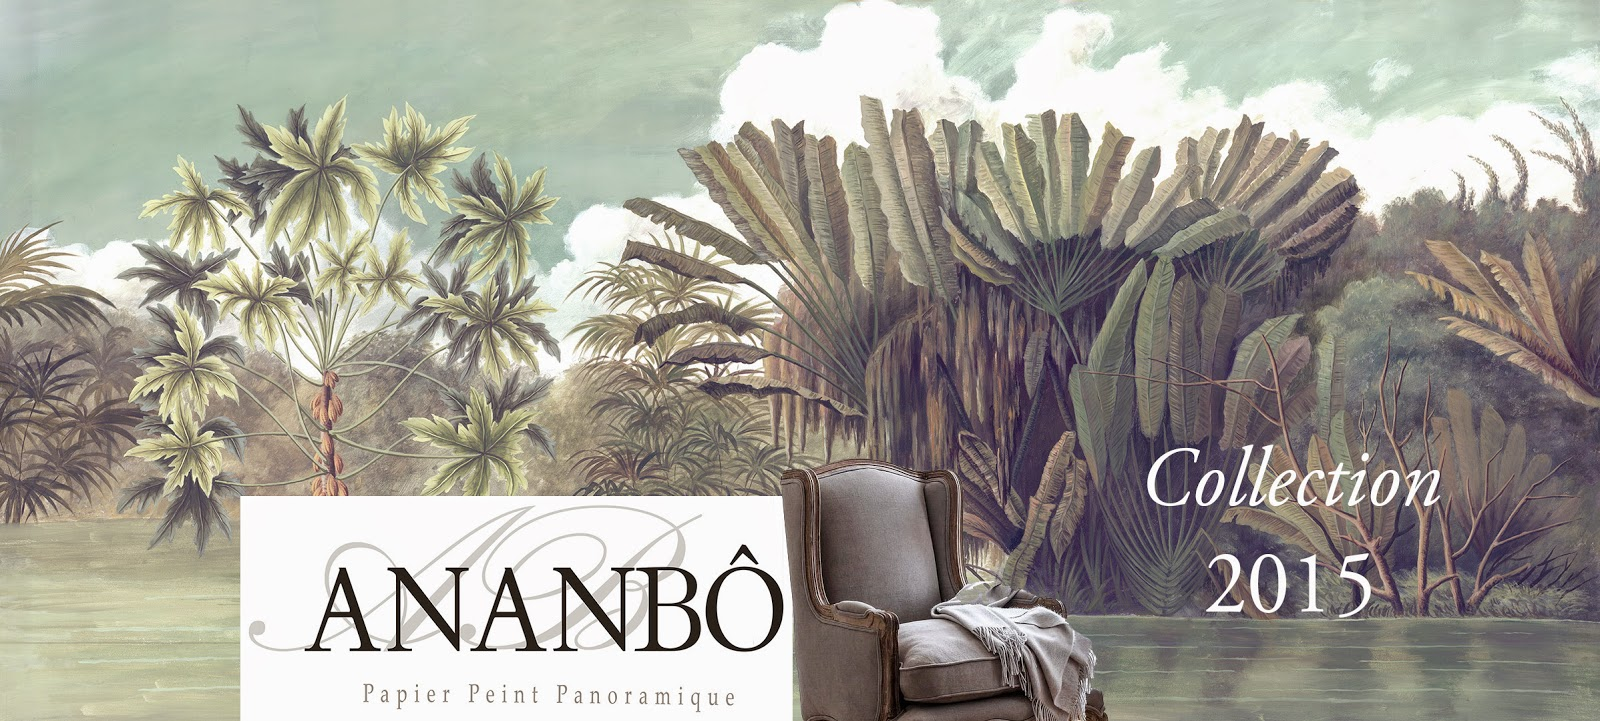 Ananbô: Papier peint panoramique Ananbô La Collection 2015